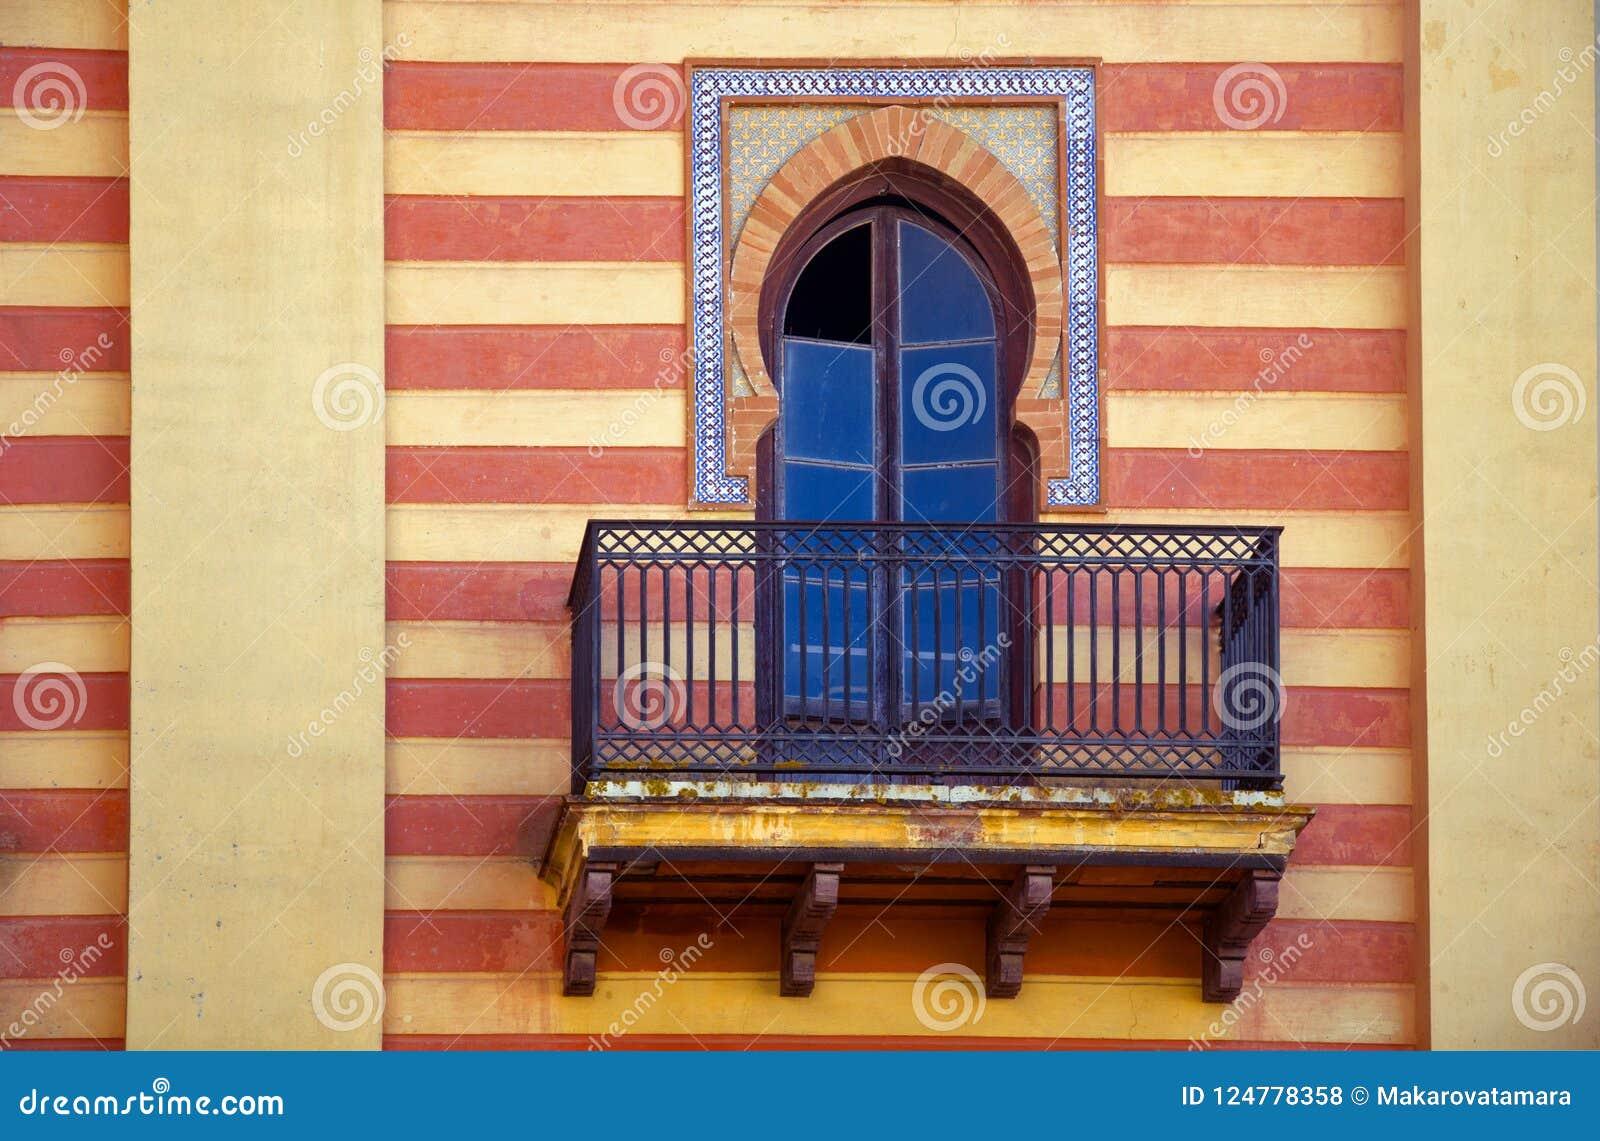 Decoratief venster in Spaanse stijl op de gestreepte muur